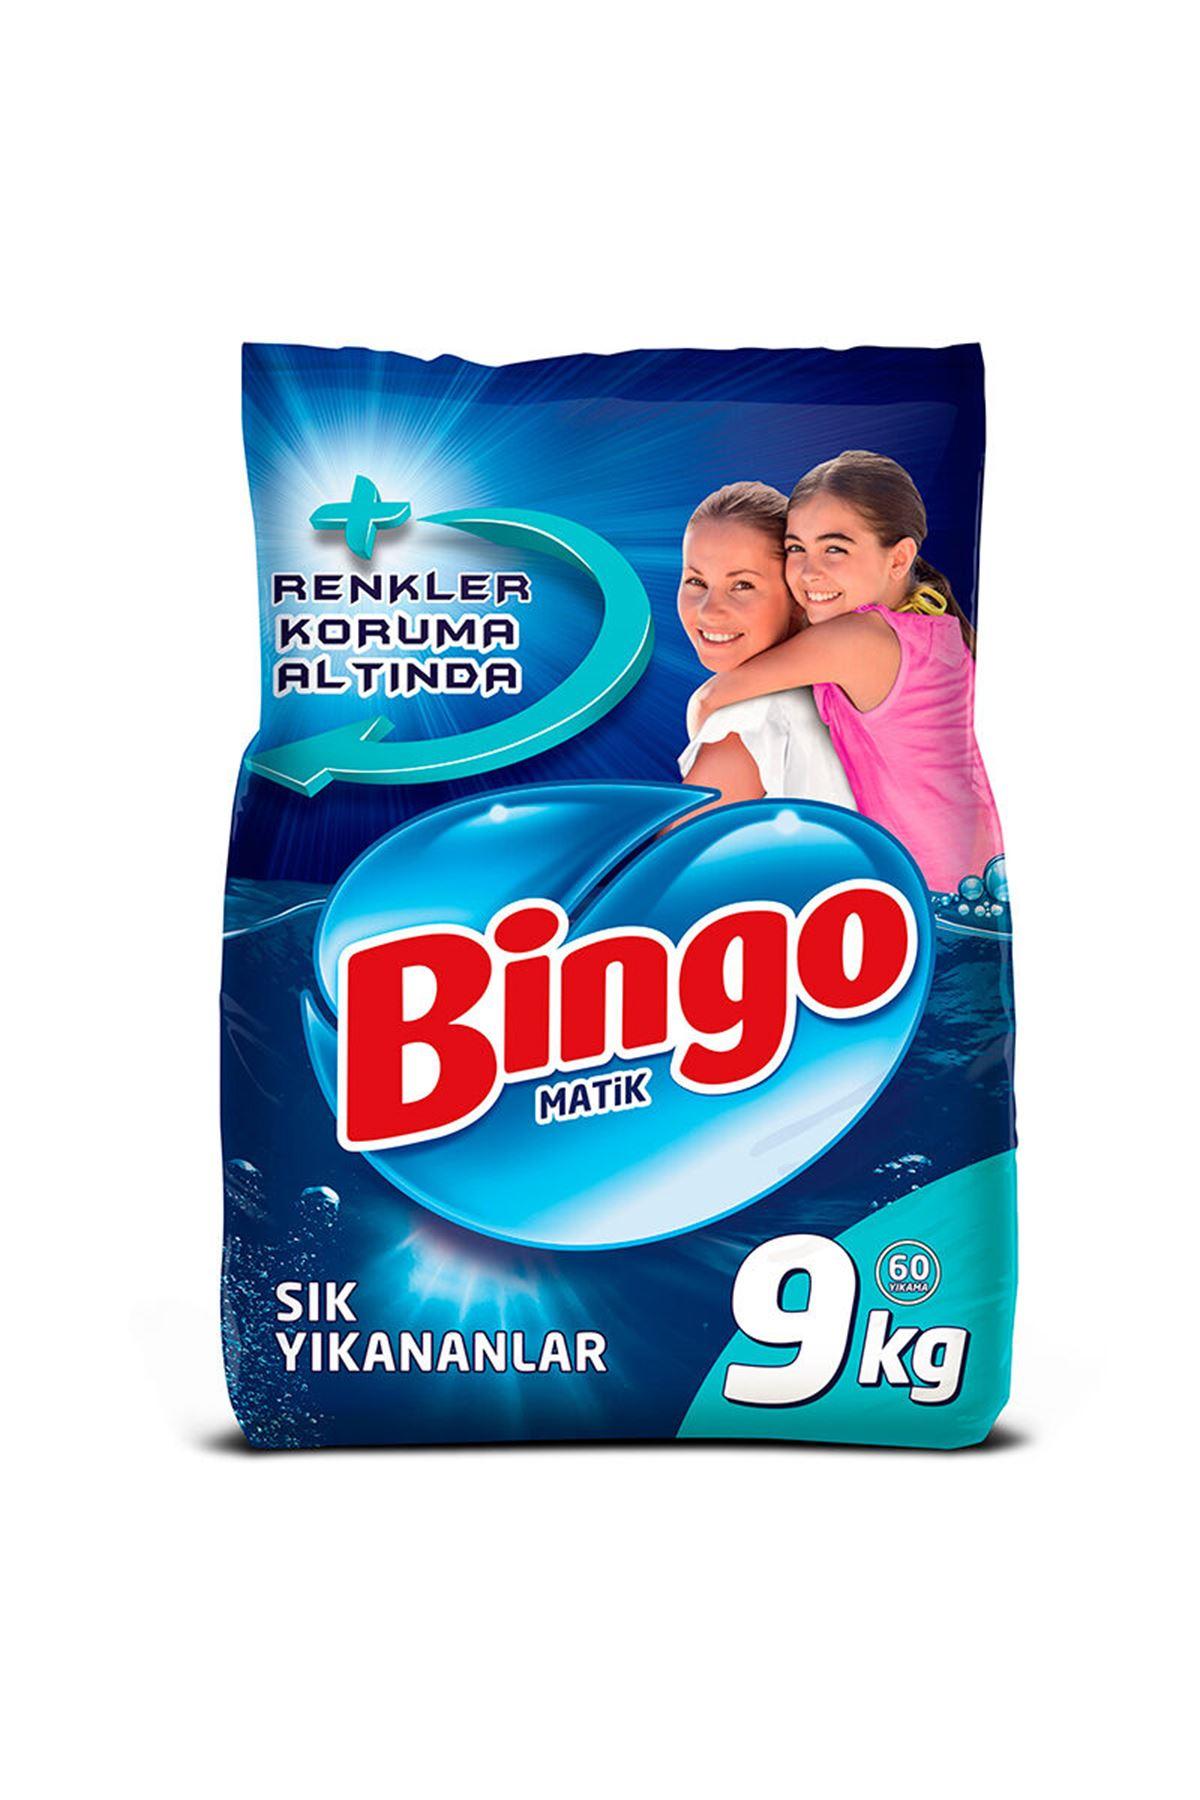 Bingo Matik Çamaşır Deterjanı Sık Yıkananlar 9 Kg